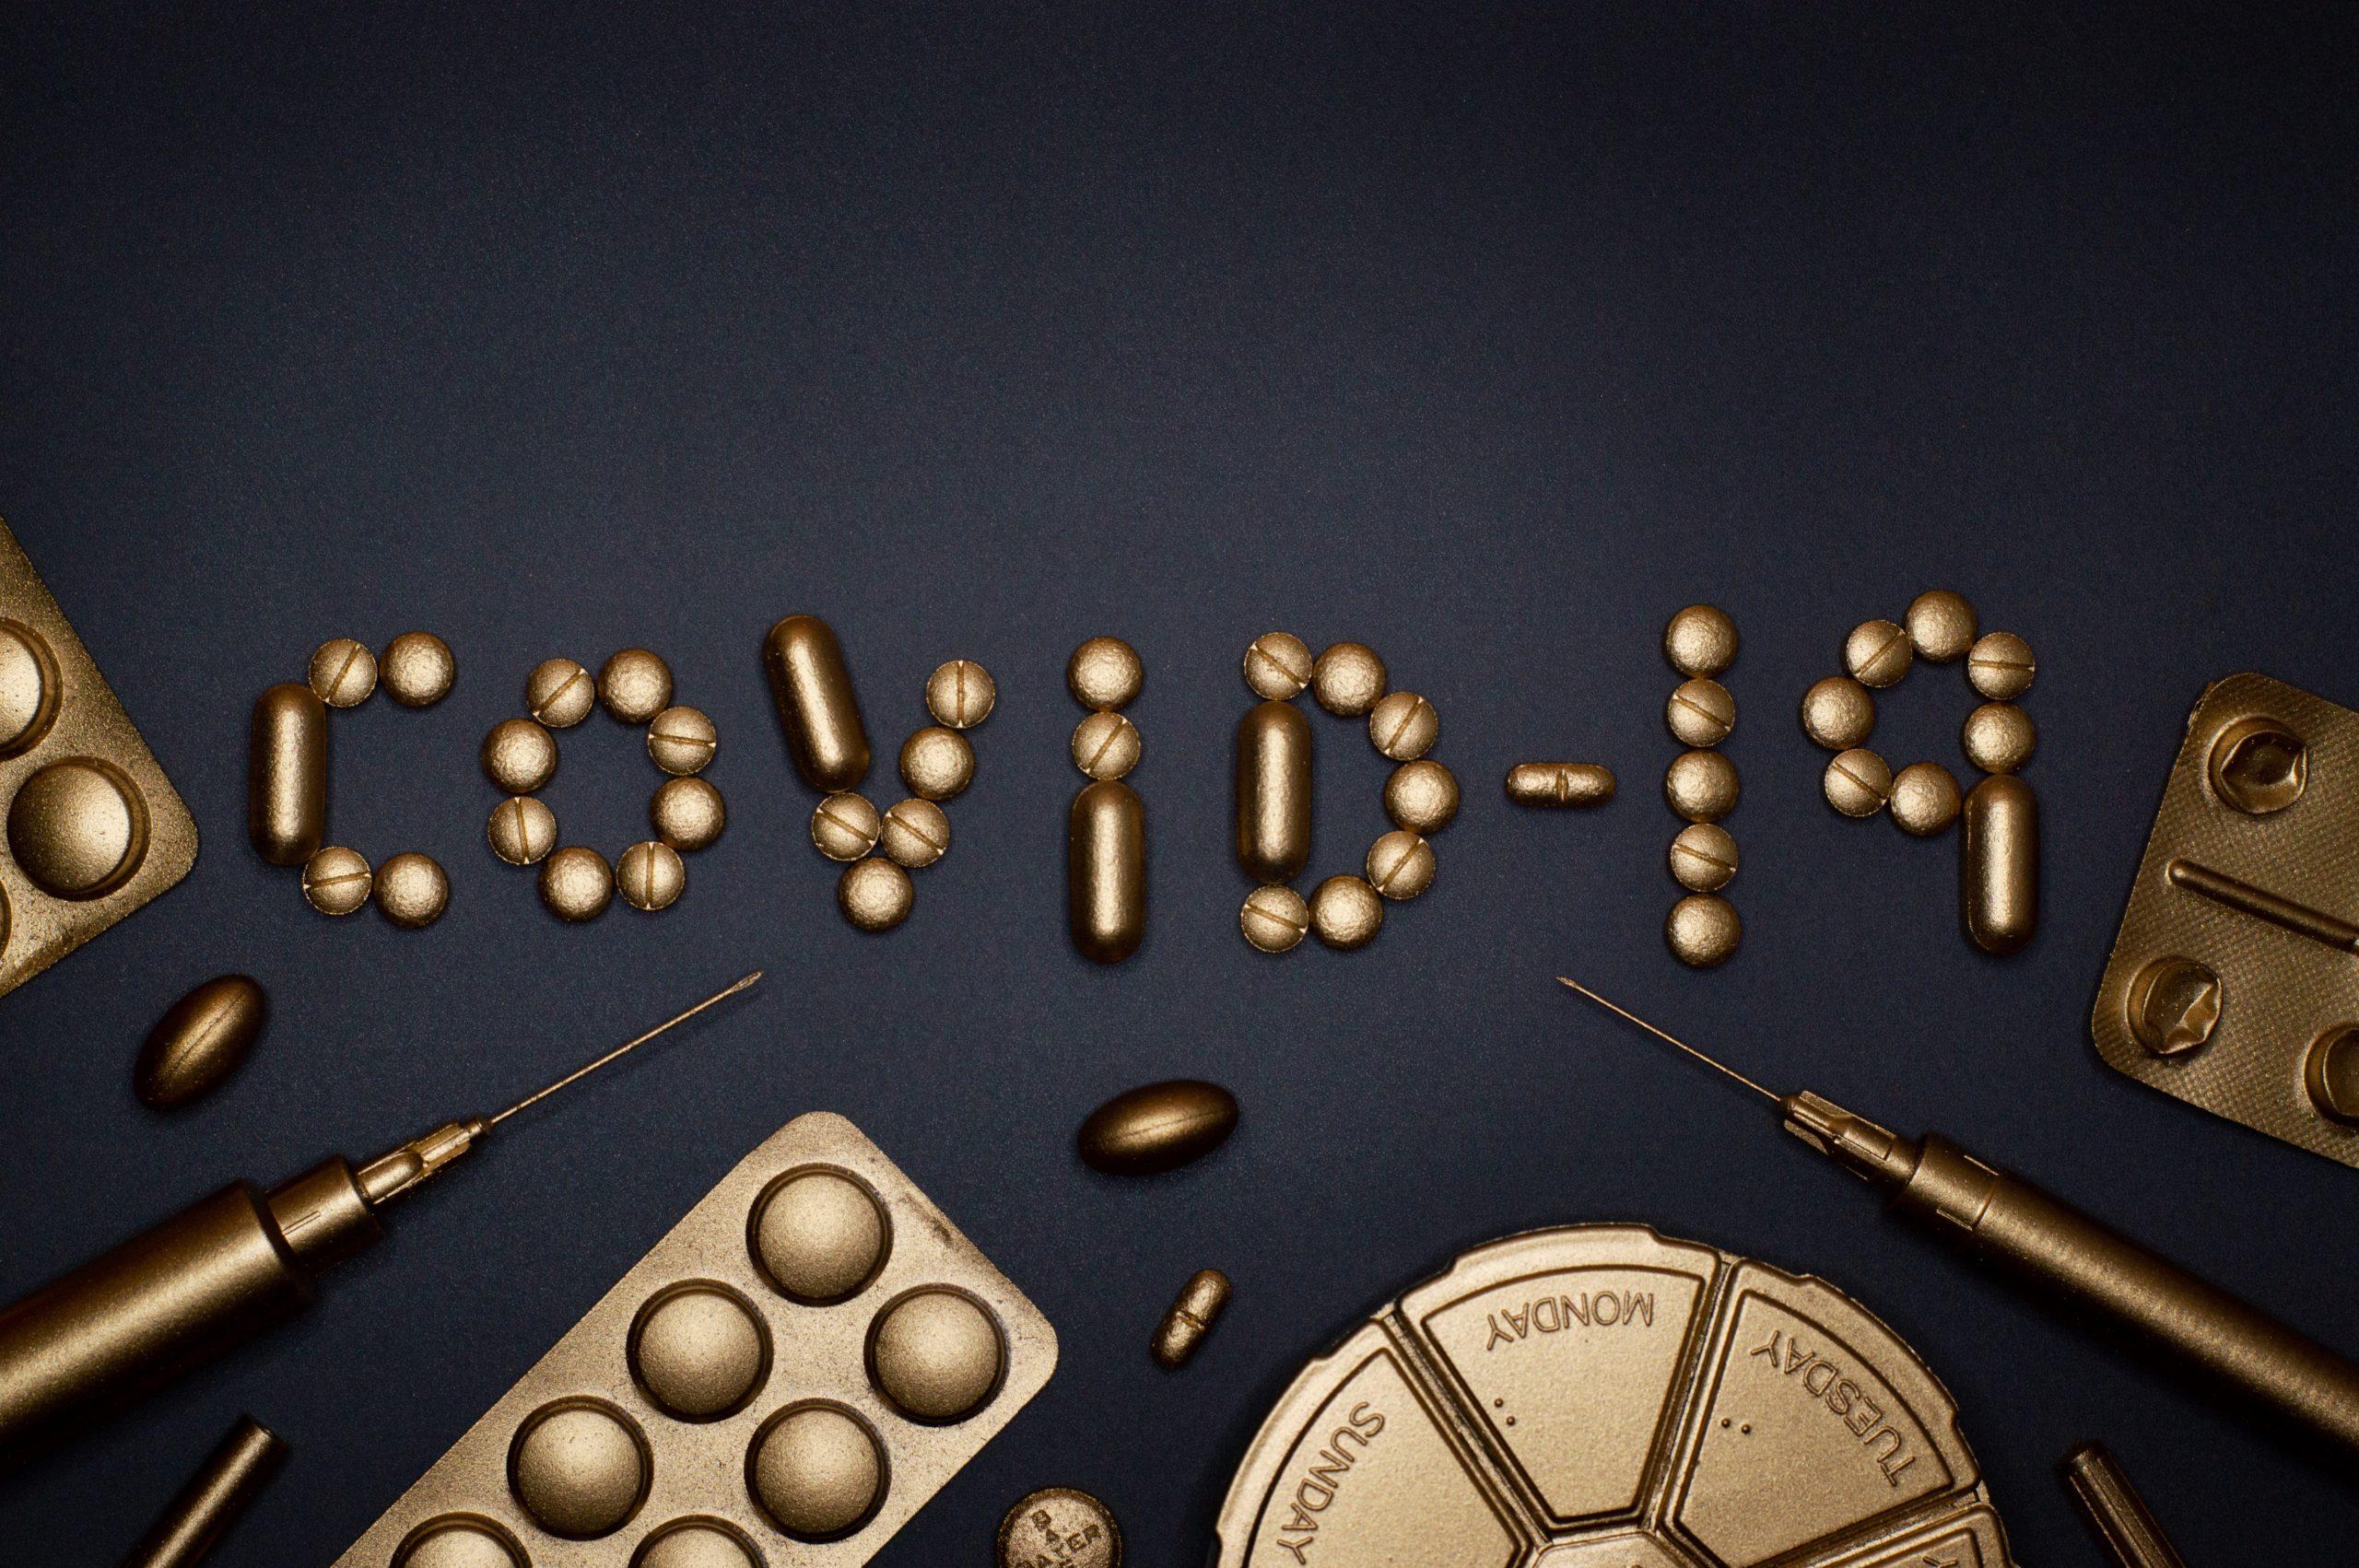 Estos antiinflamatorios ayudarán a salvar miles de vidas de enfermos por Covid-19